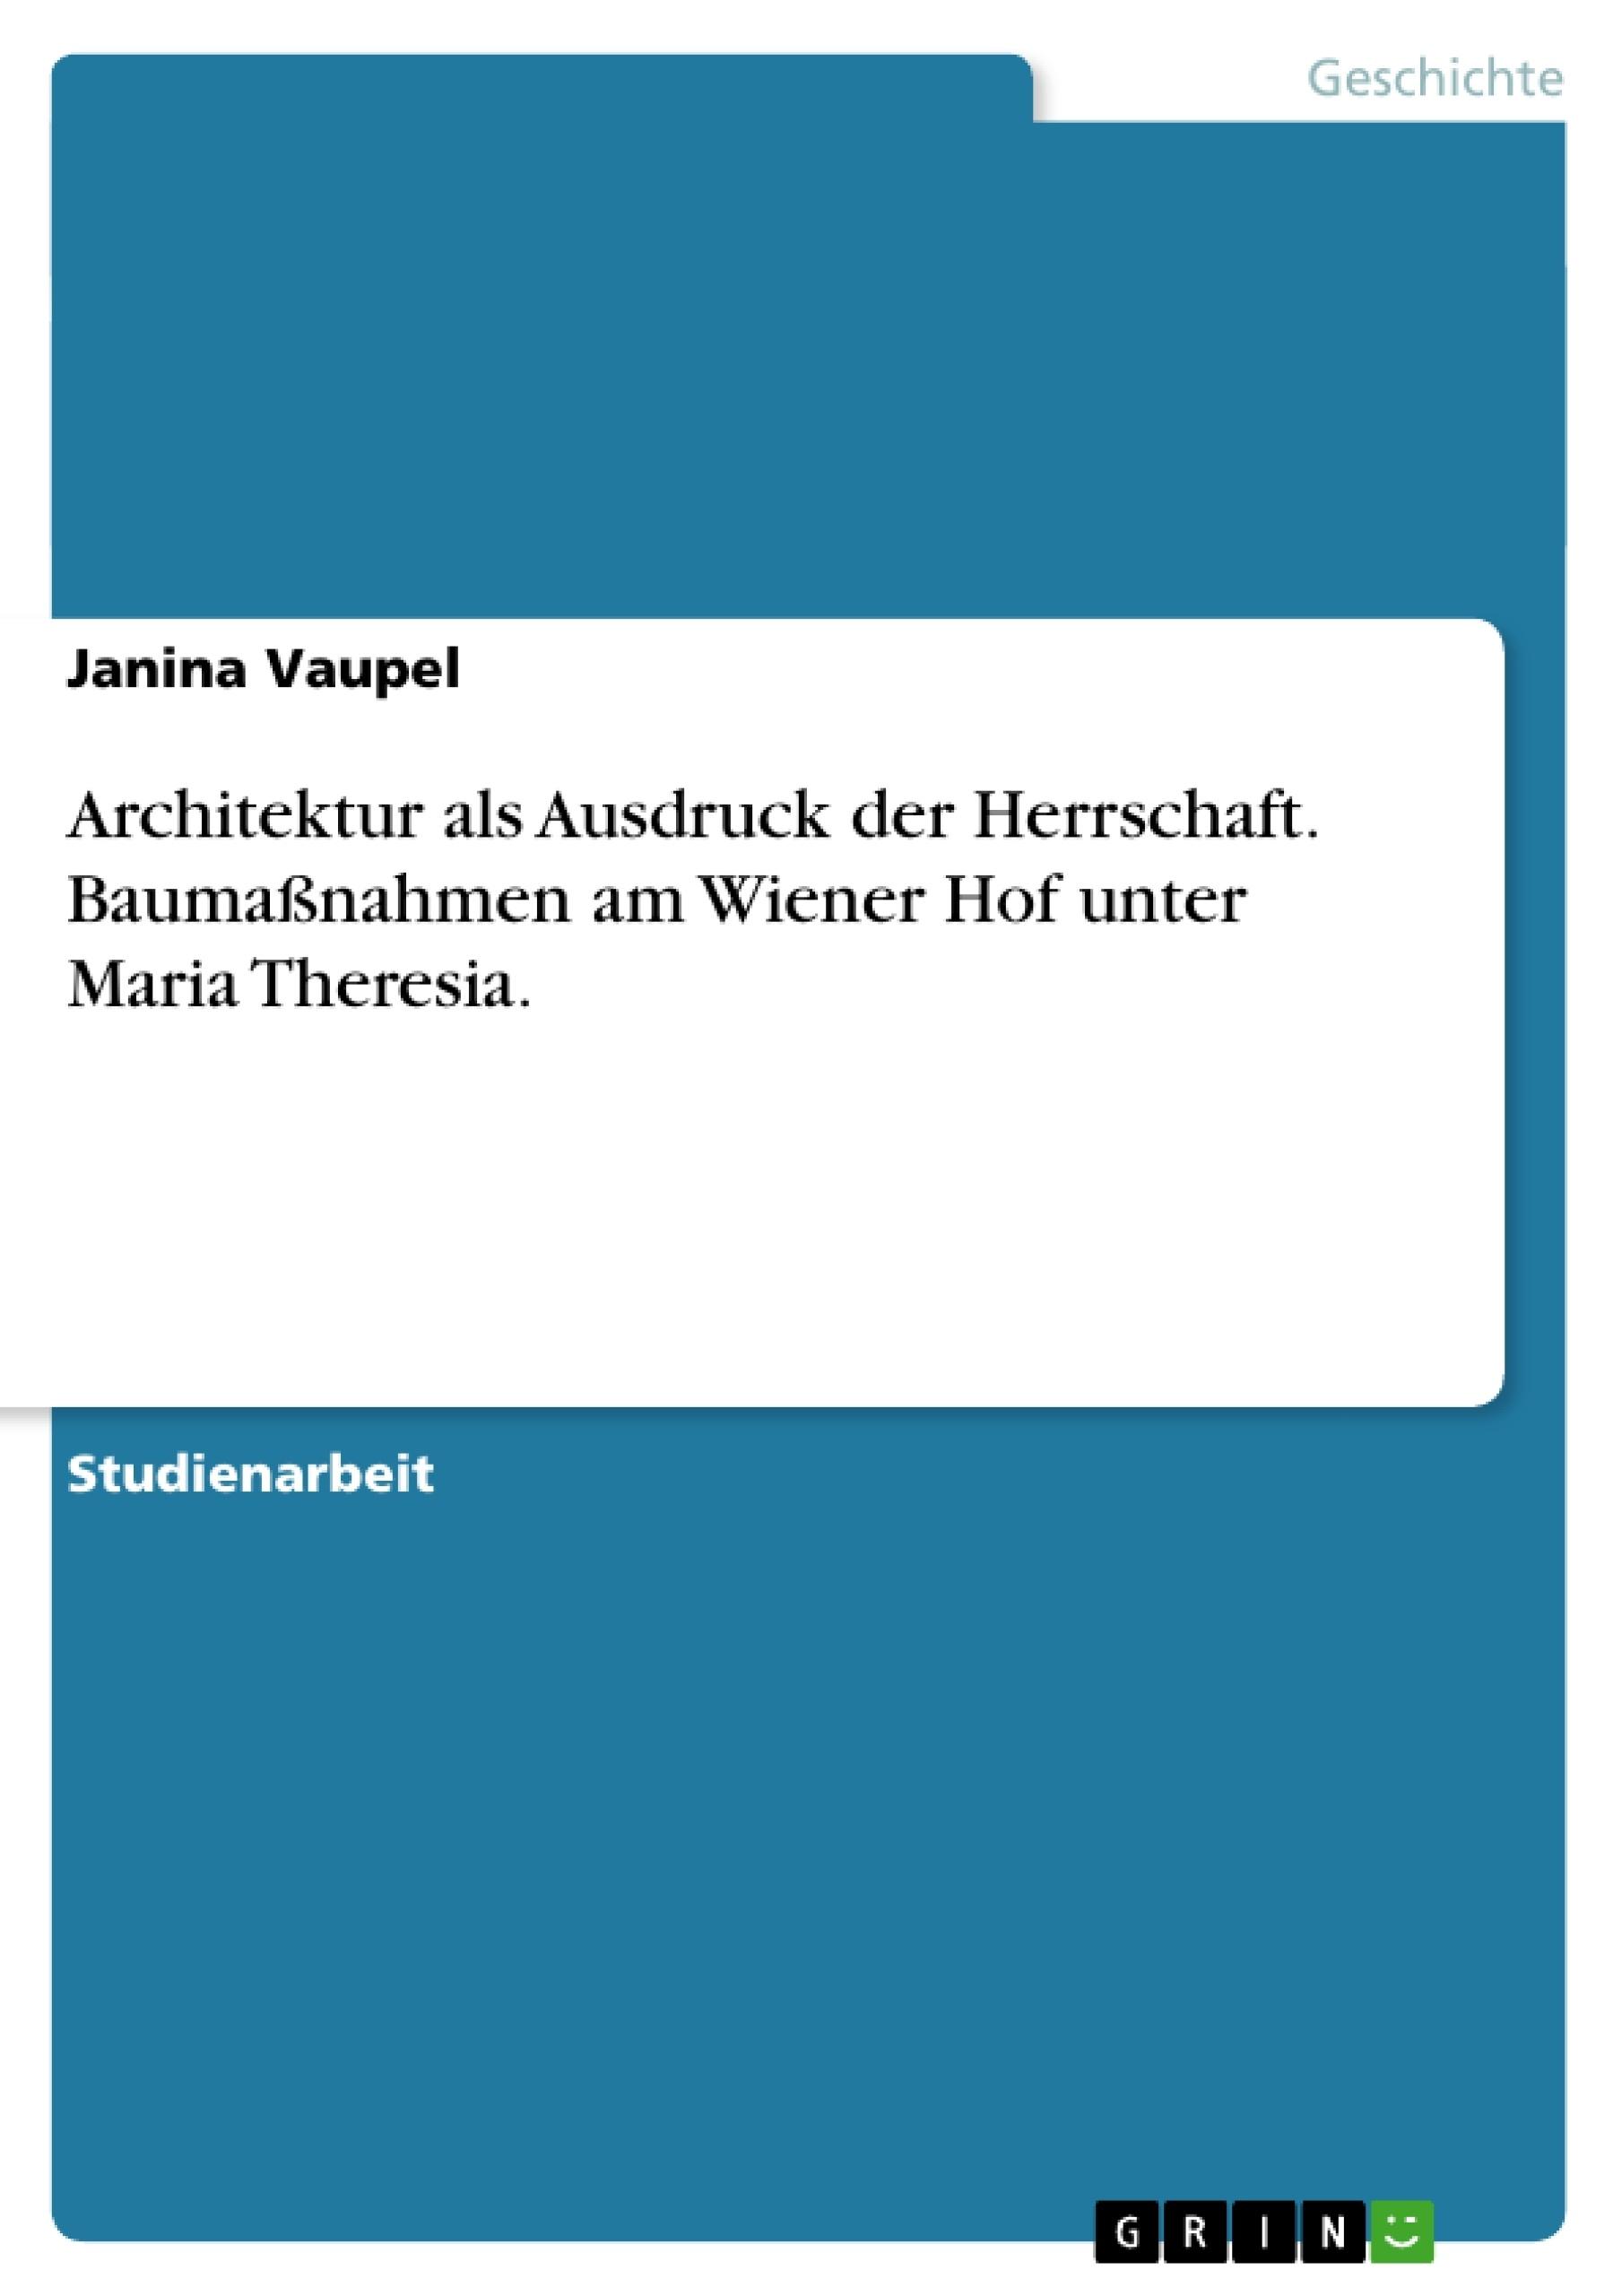 Titel: Architektur als Ausdruck der Herrschaft. Baumaßnahmen am Wiener Hof unter Maria Theresia.